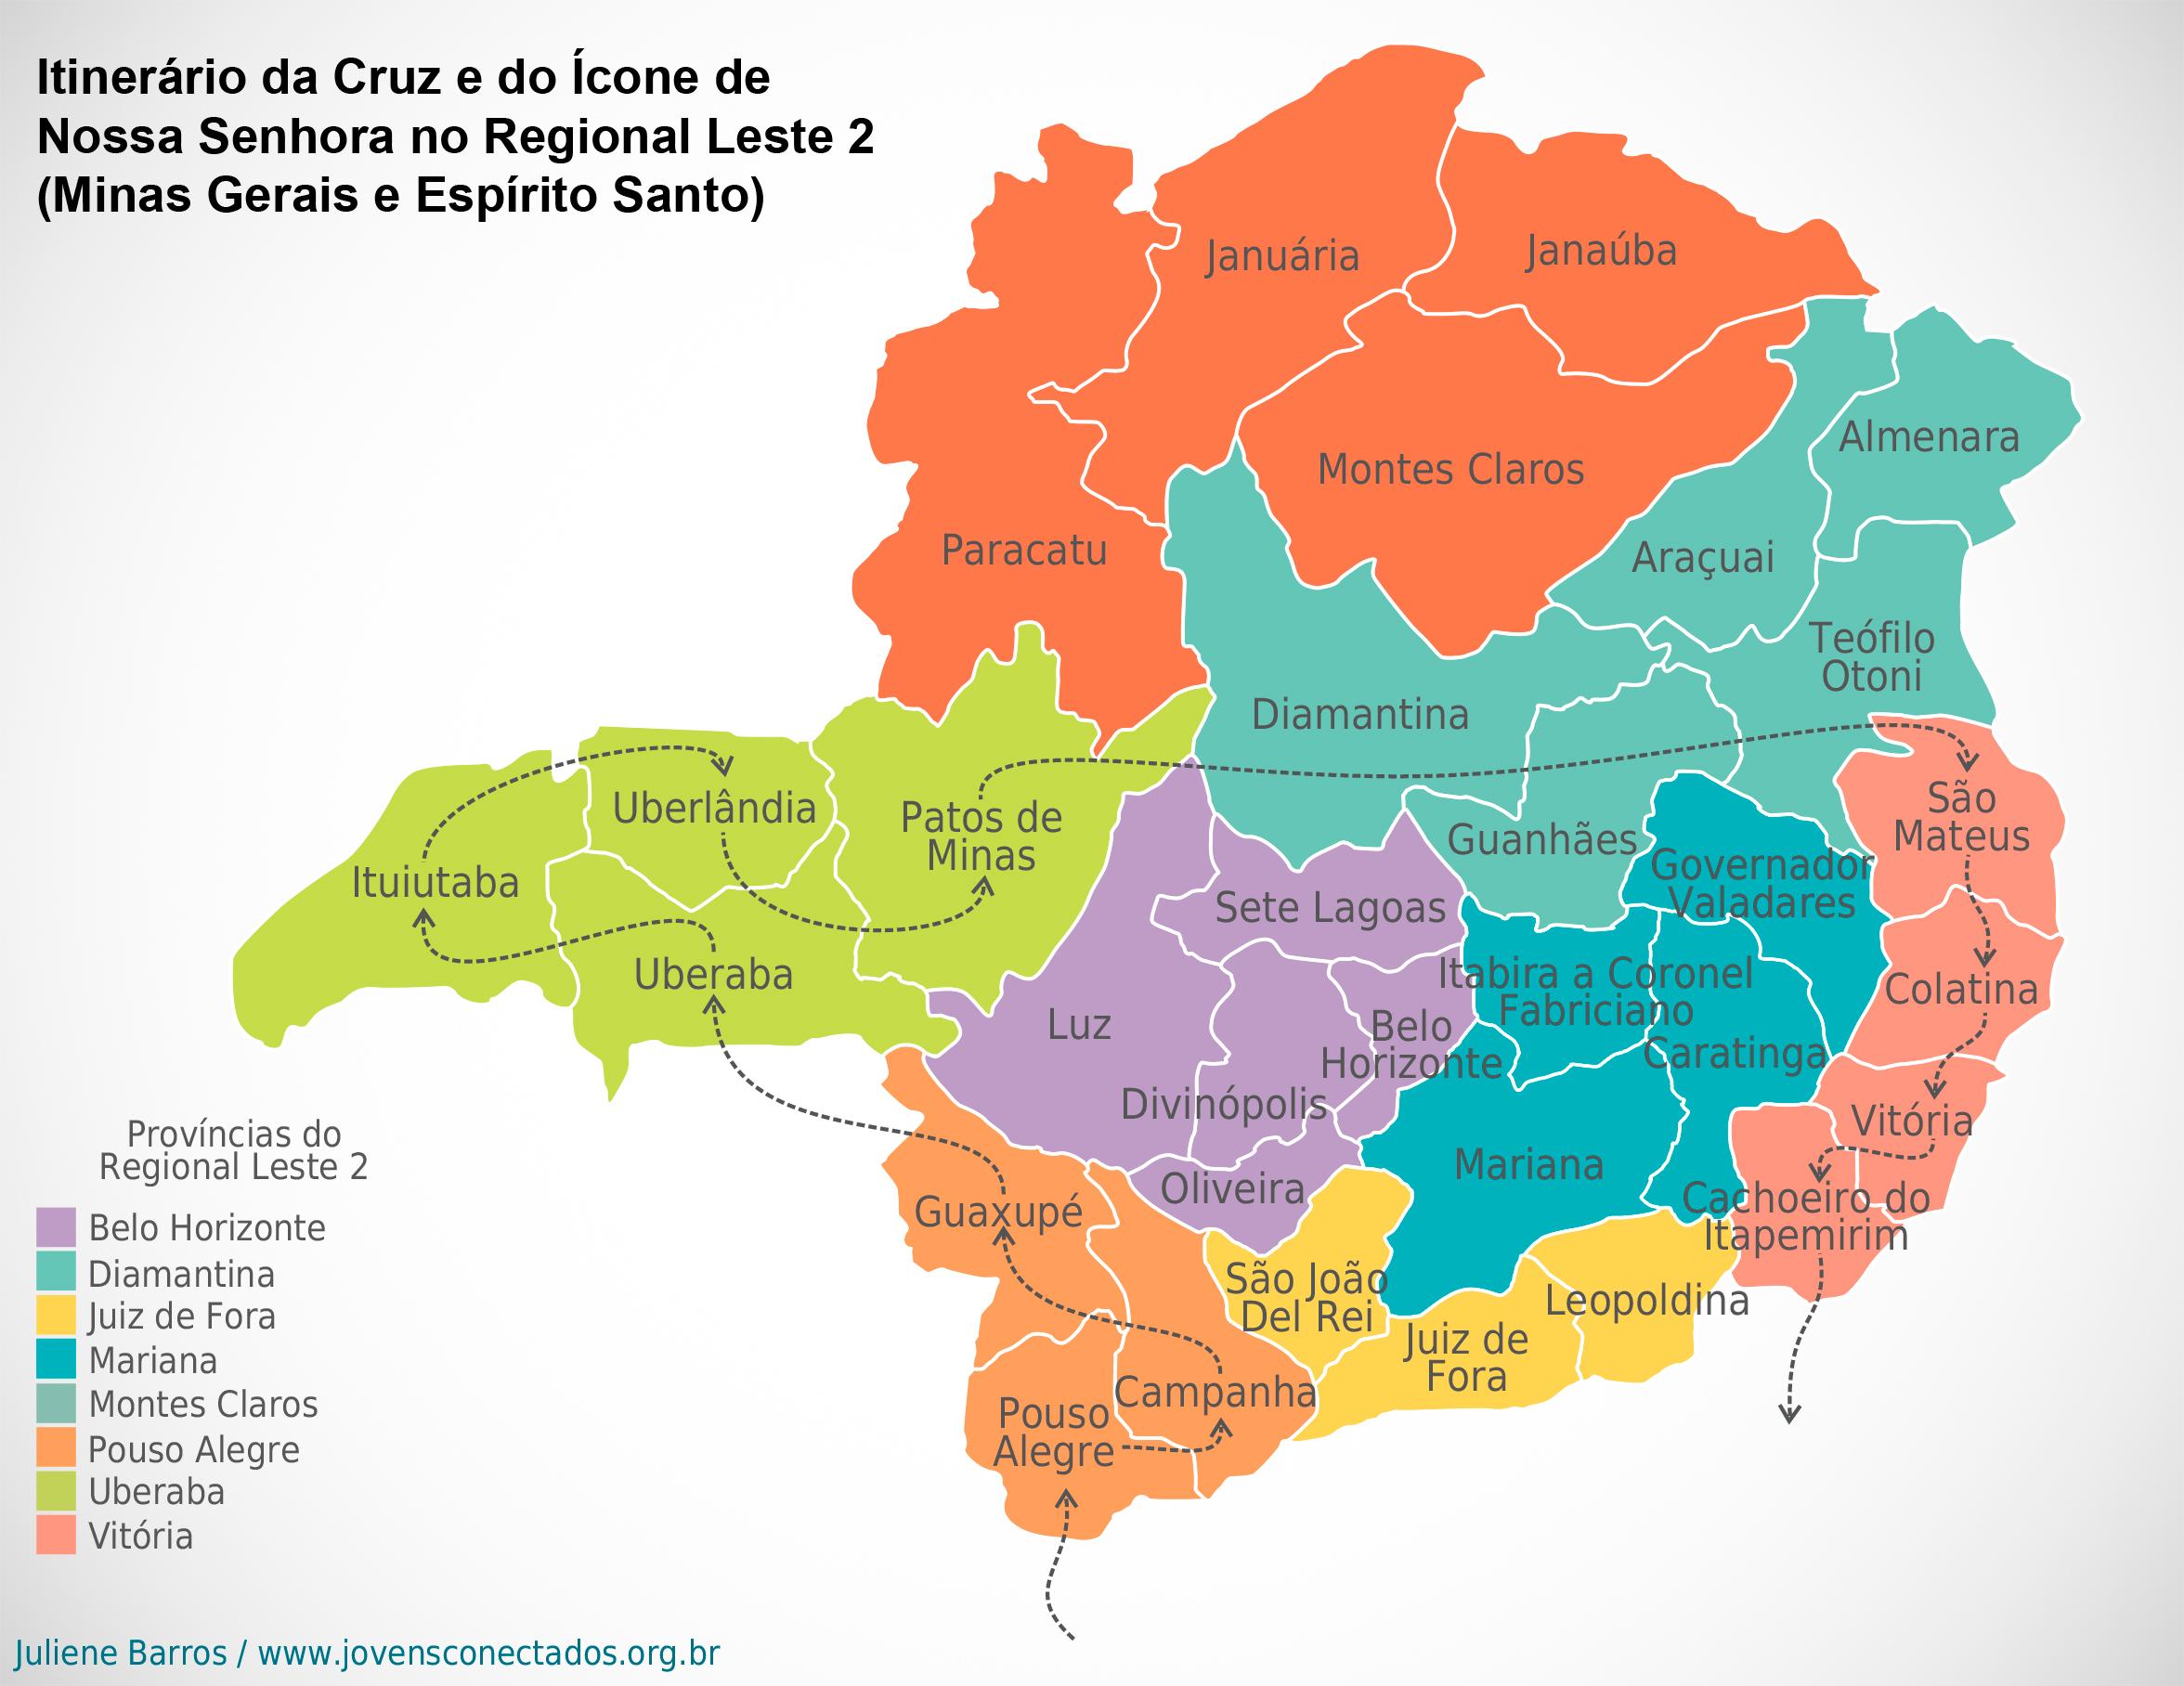 Marca Del Mapa Símbolo De Ios 7: Símbolos Da Jornada Mundial Da Juventude Retornam